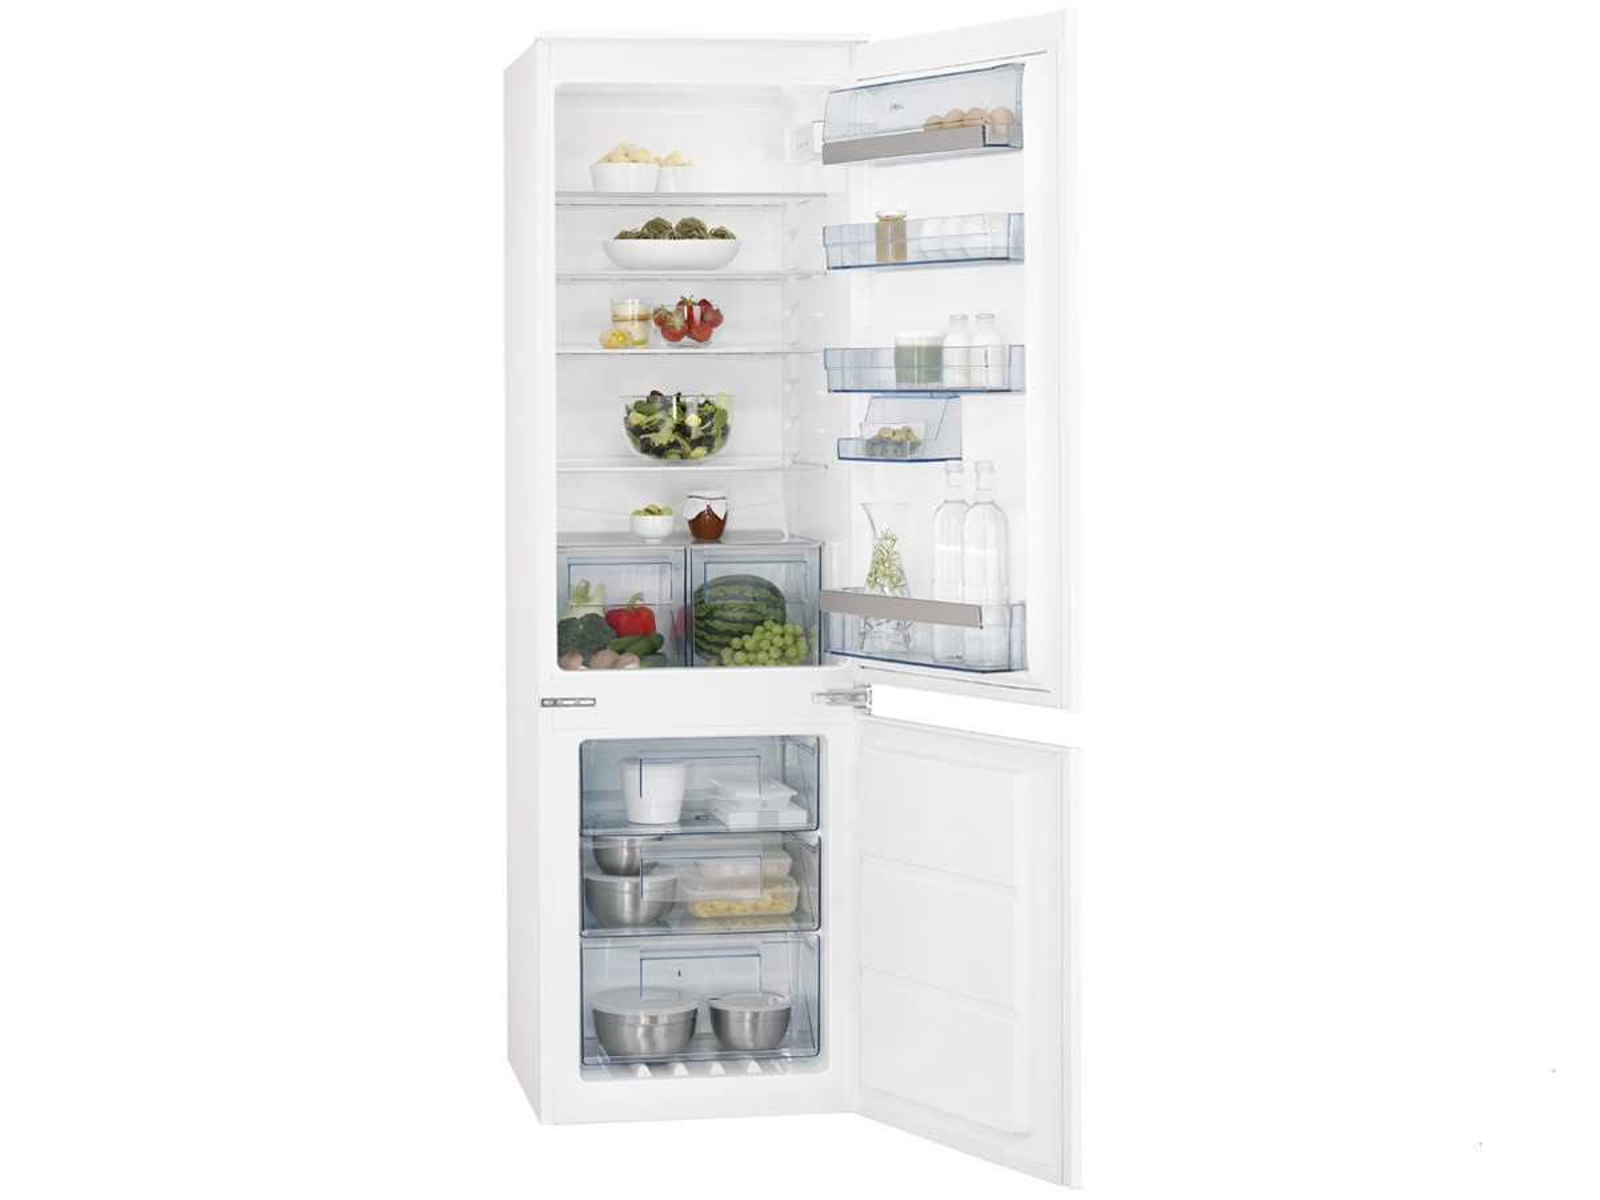 Gorenje Gefrier Und Kühlschrank : Gefrier und kühlschrank gorenje nrs cxb side by side kühl